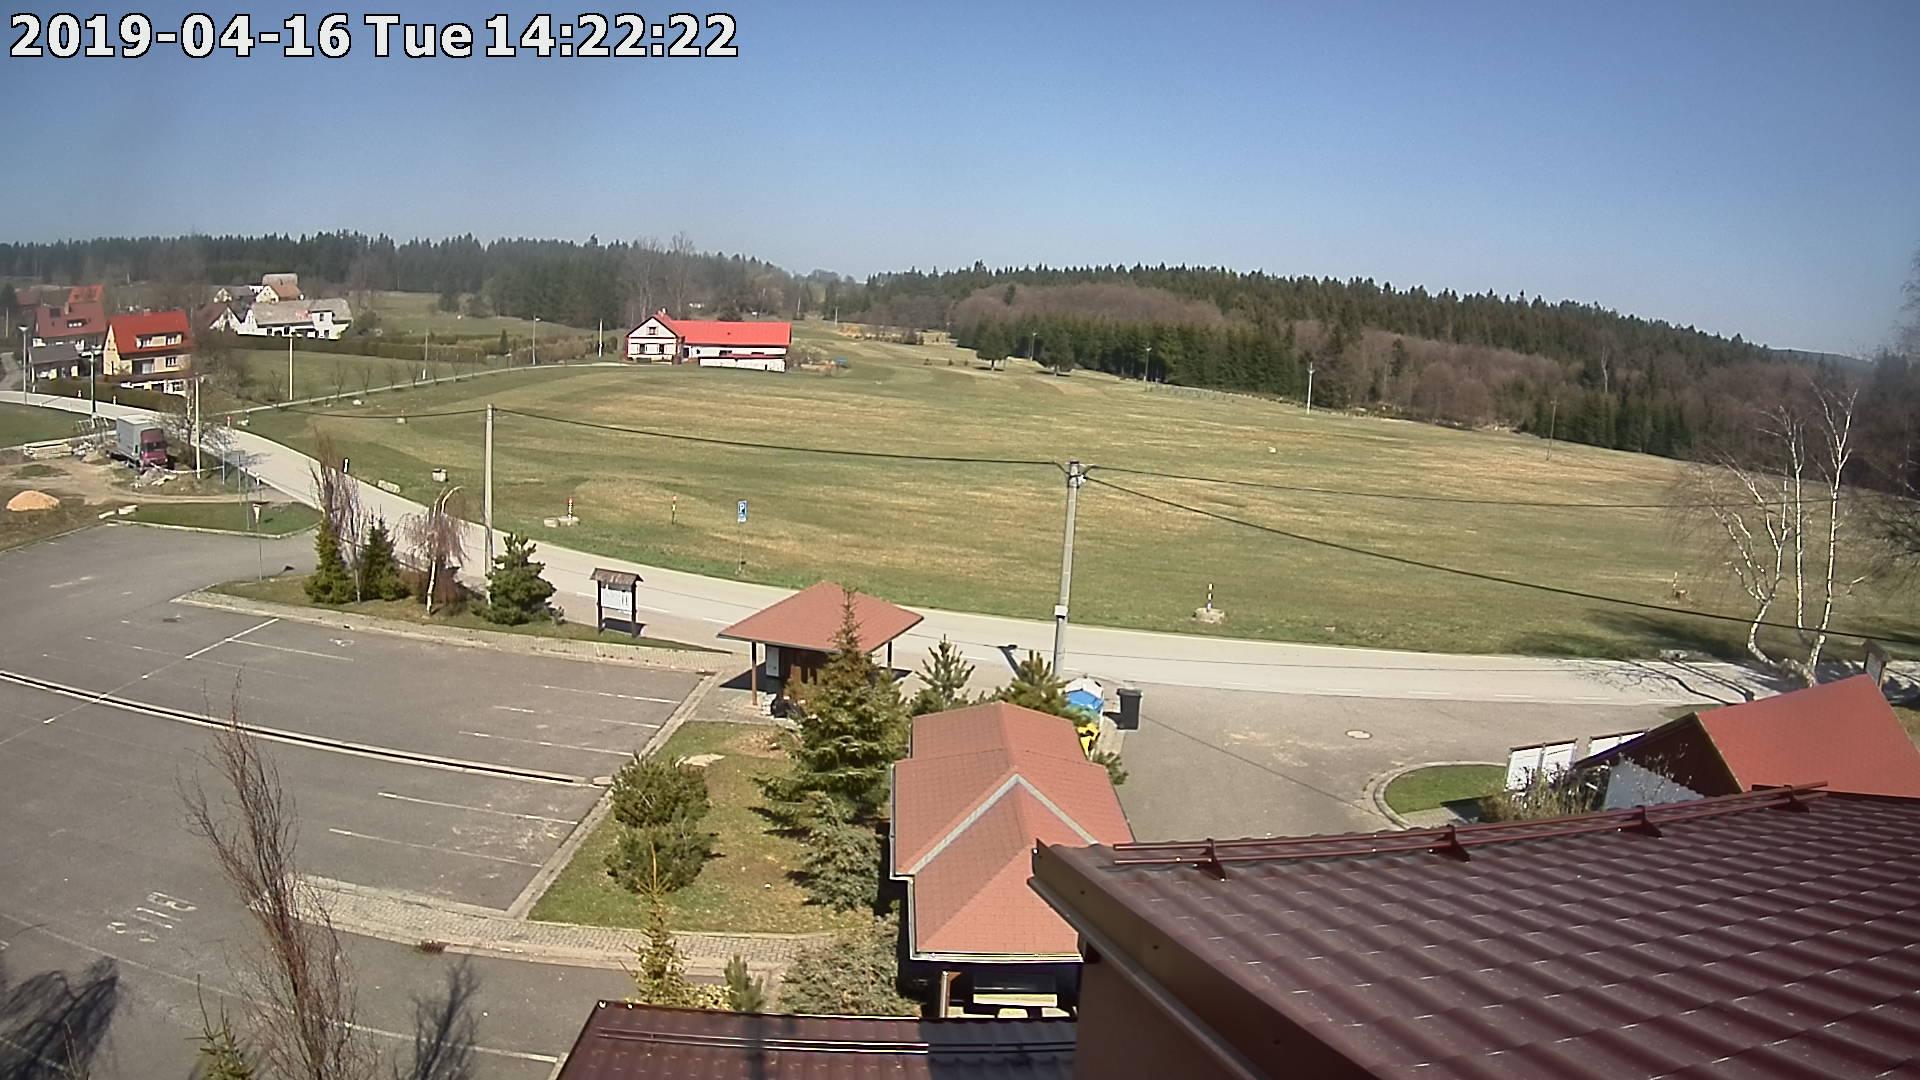 Webkamera ze dne 2019-04-16